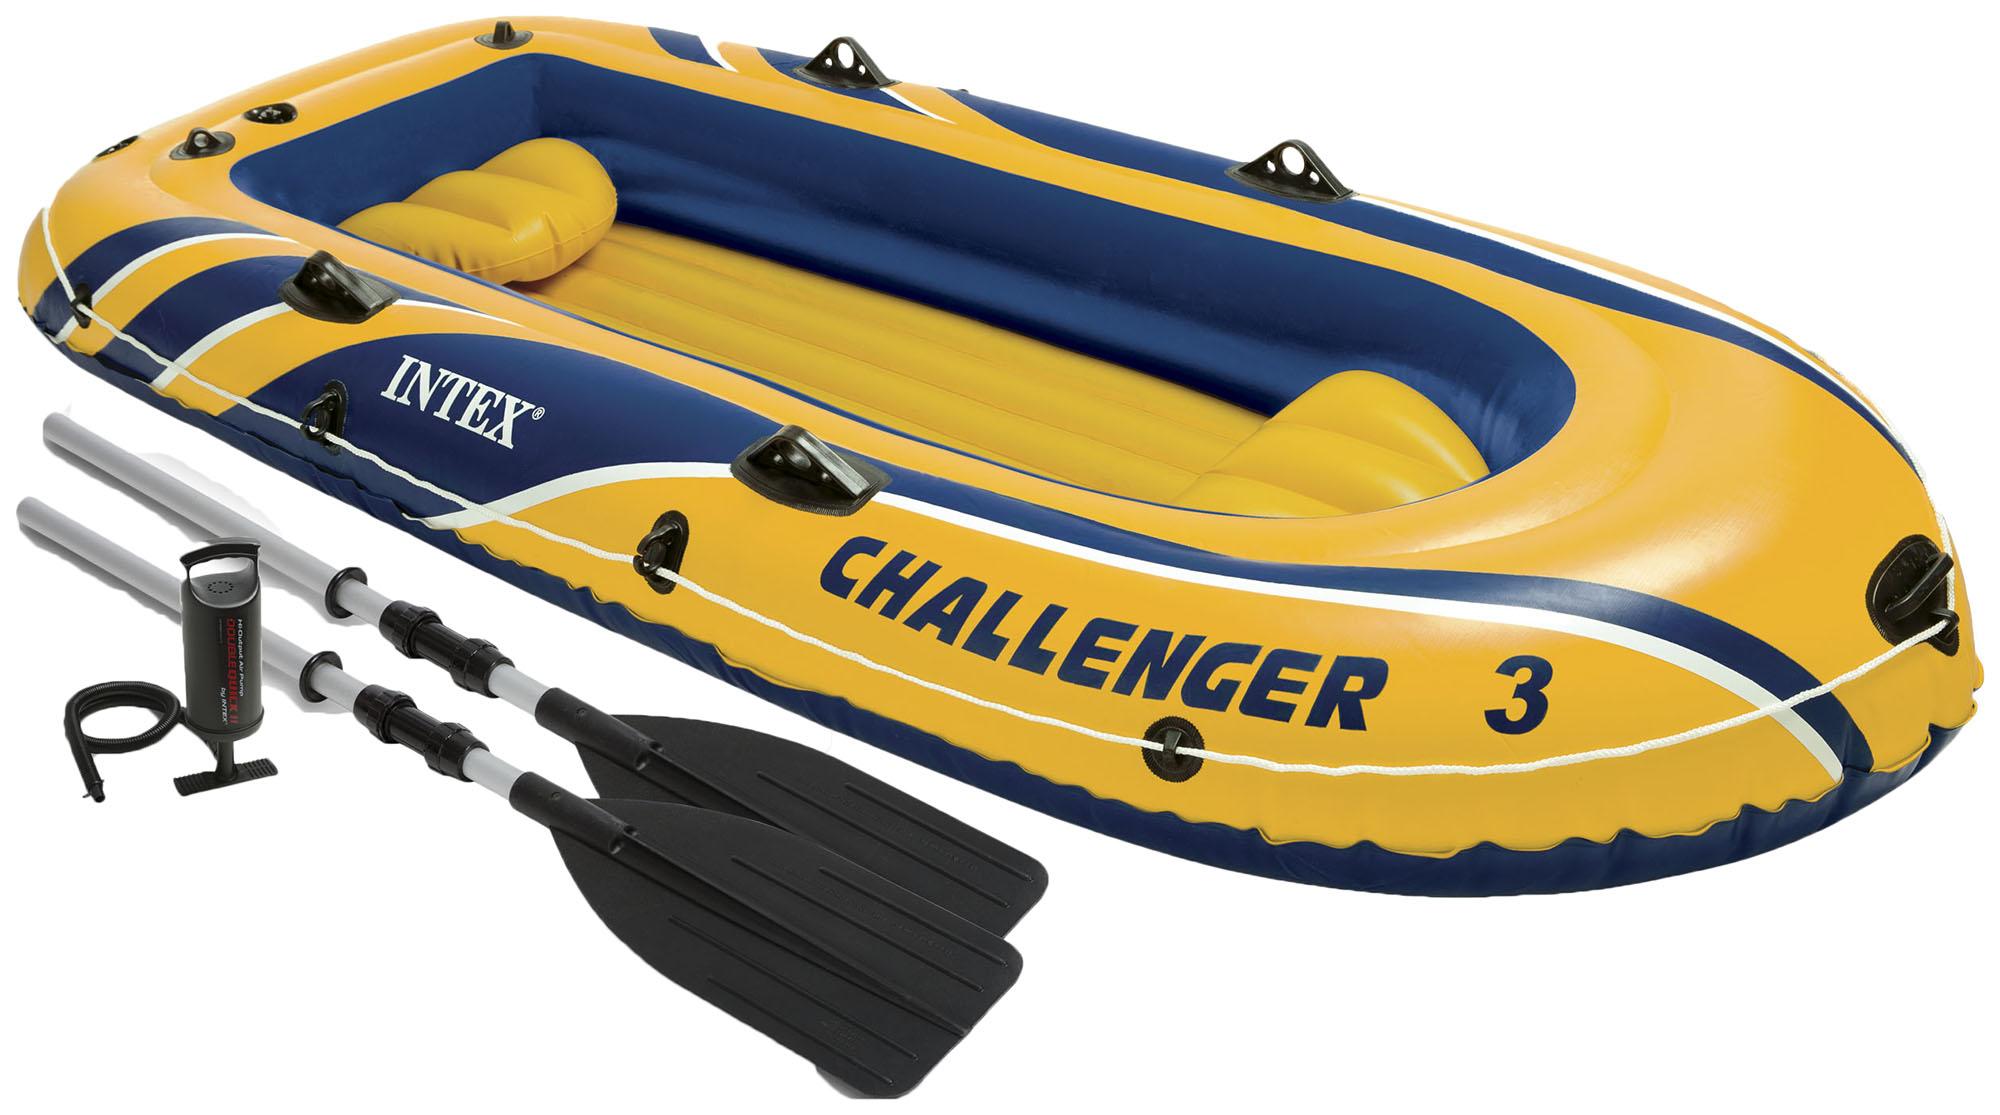 Лодка Challendger 3 295х137х43см весла+насос (48